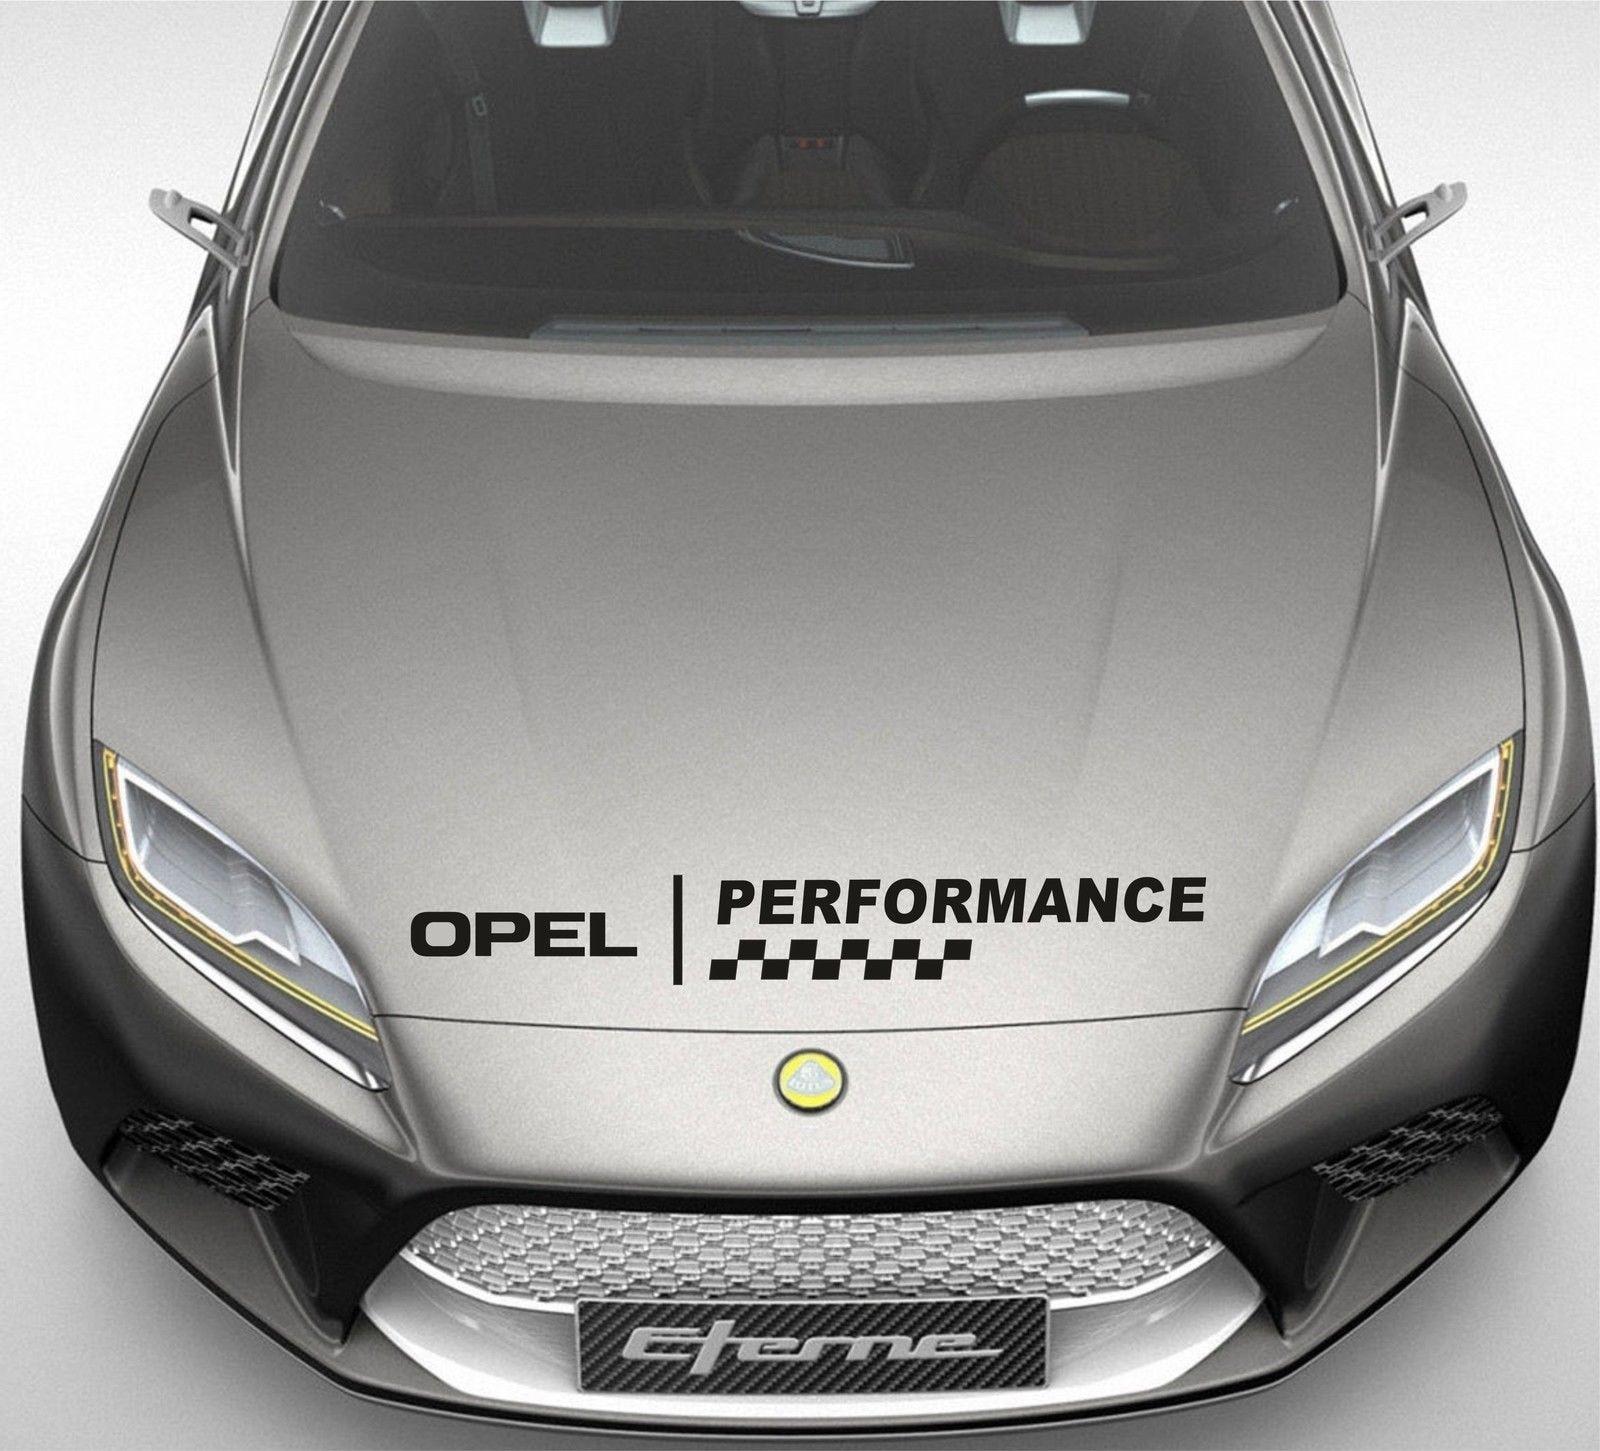 Autocollant de capot de fenêtre de Performance pour Opel Zafira Manta décor autocollant DE33 58.5cm